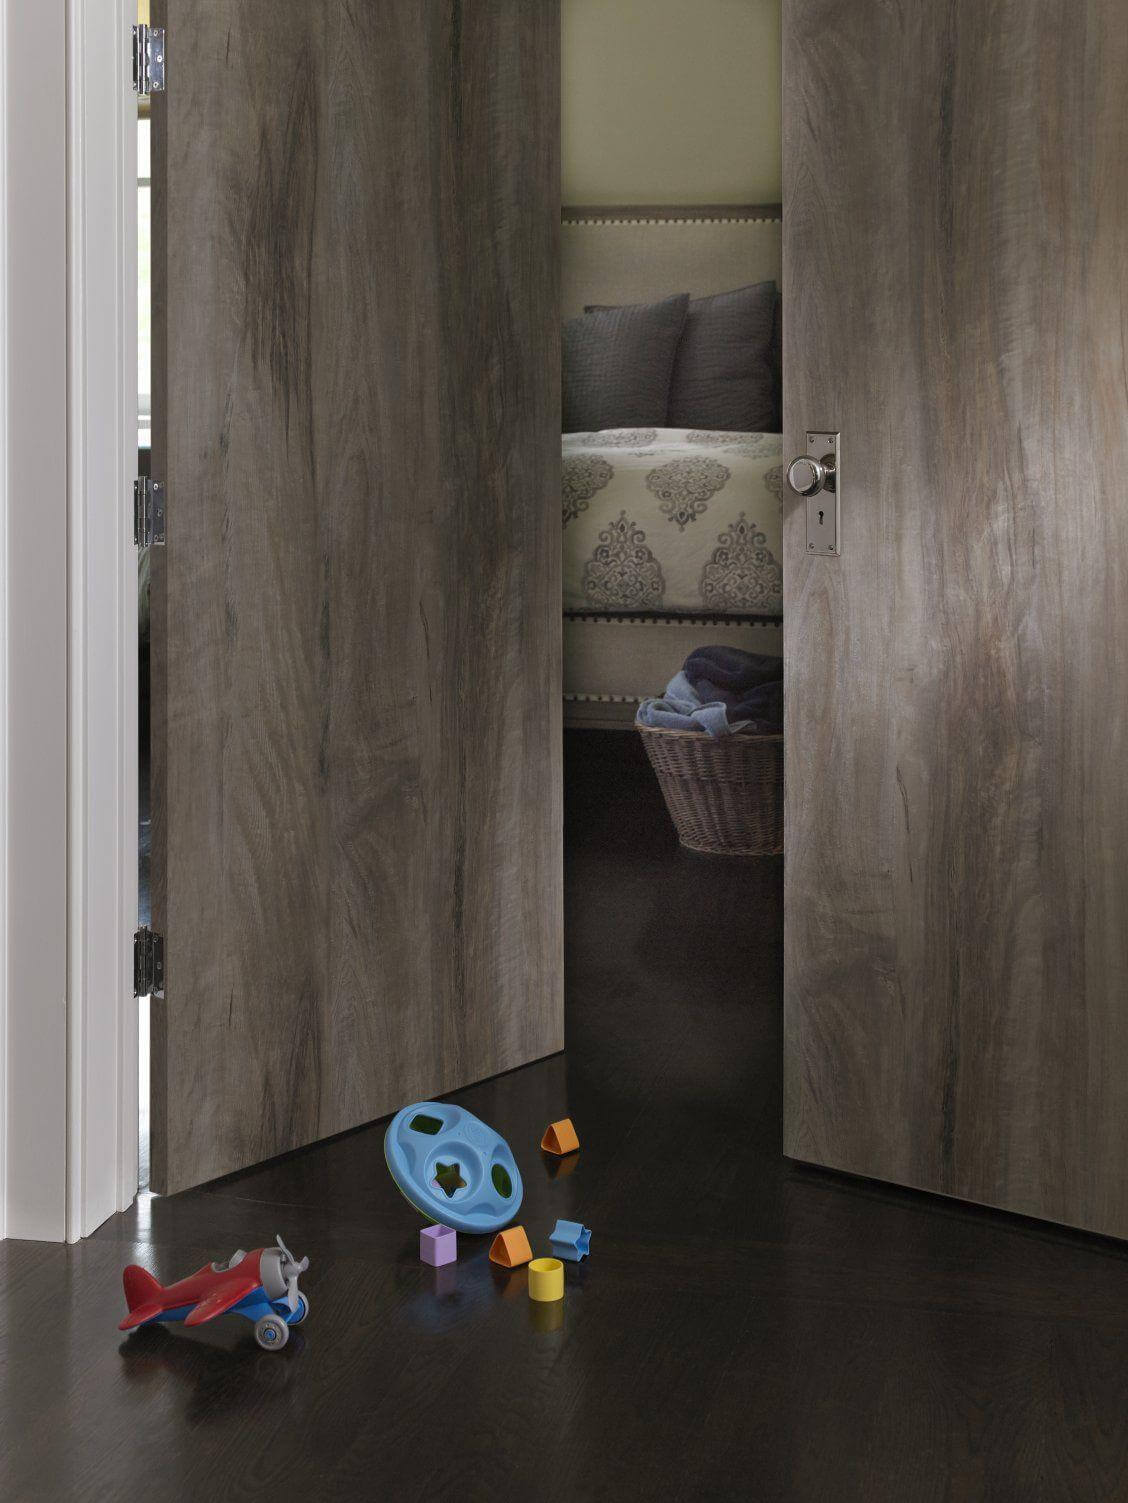 thiết kế mẫu cửa gỗ phòng ngủ đẹp